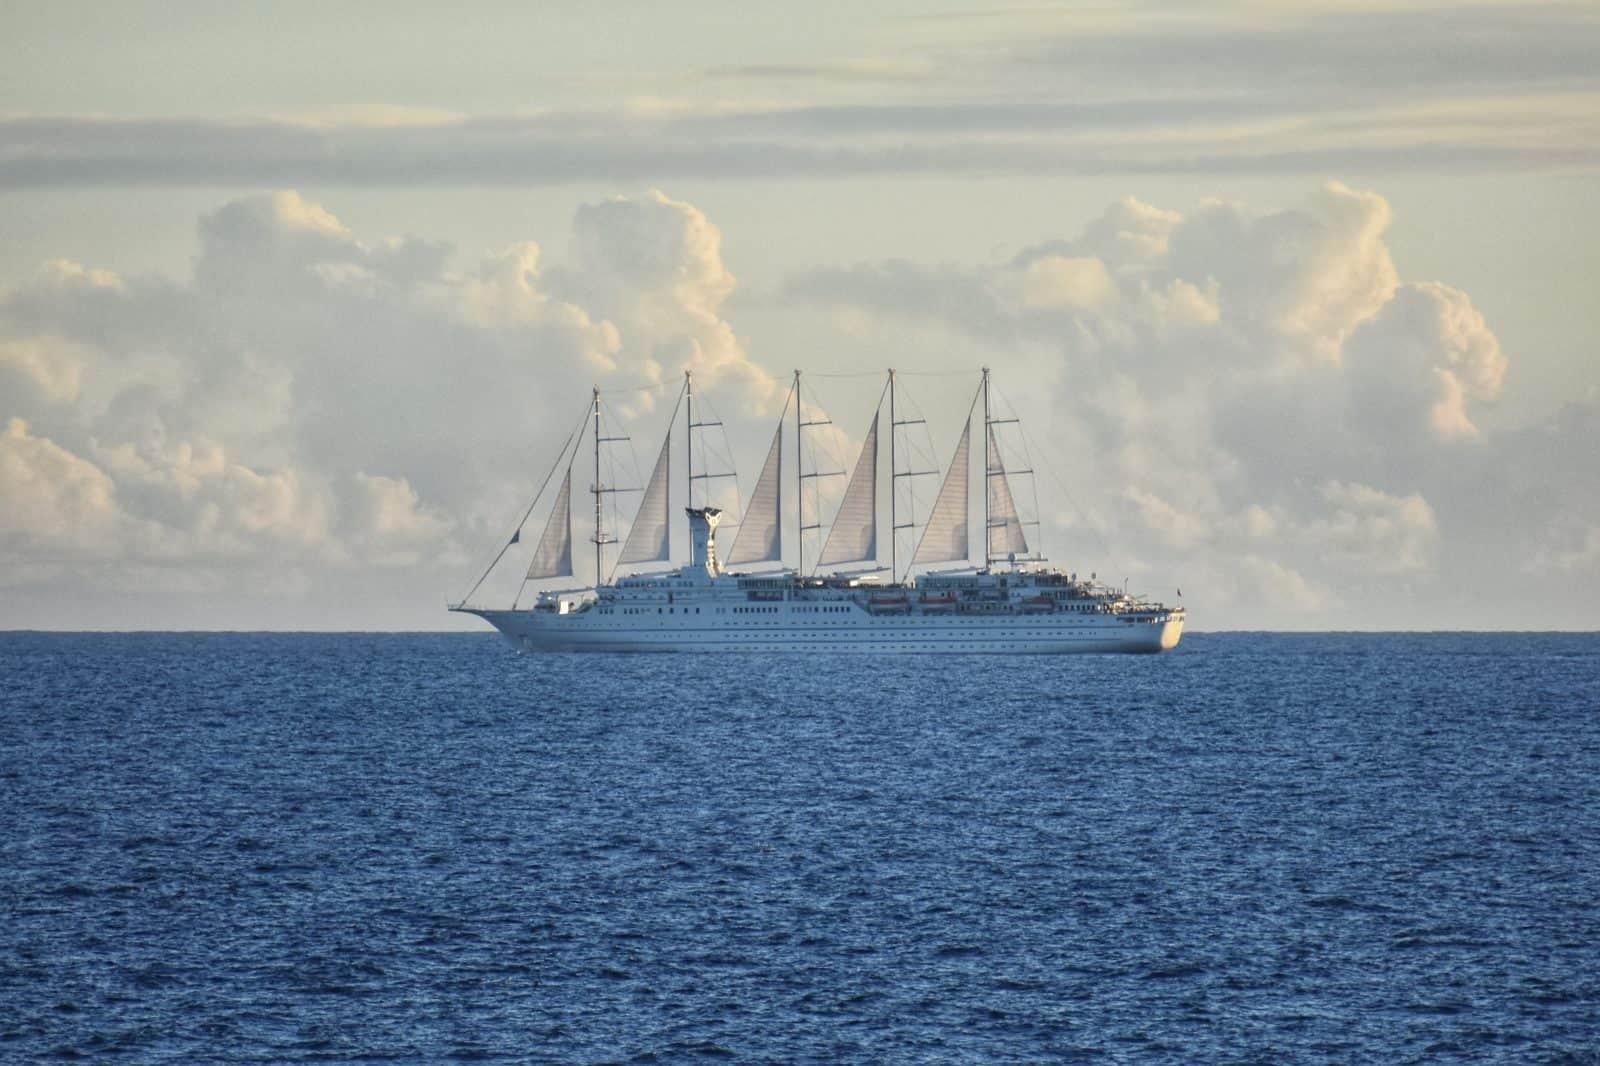 Sail Cruise